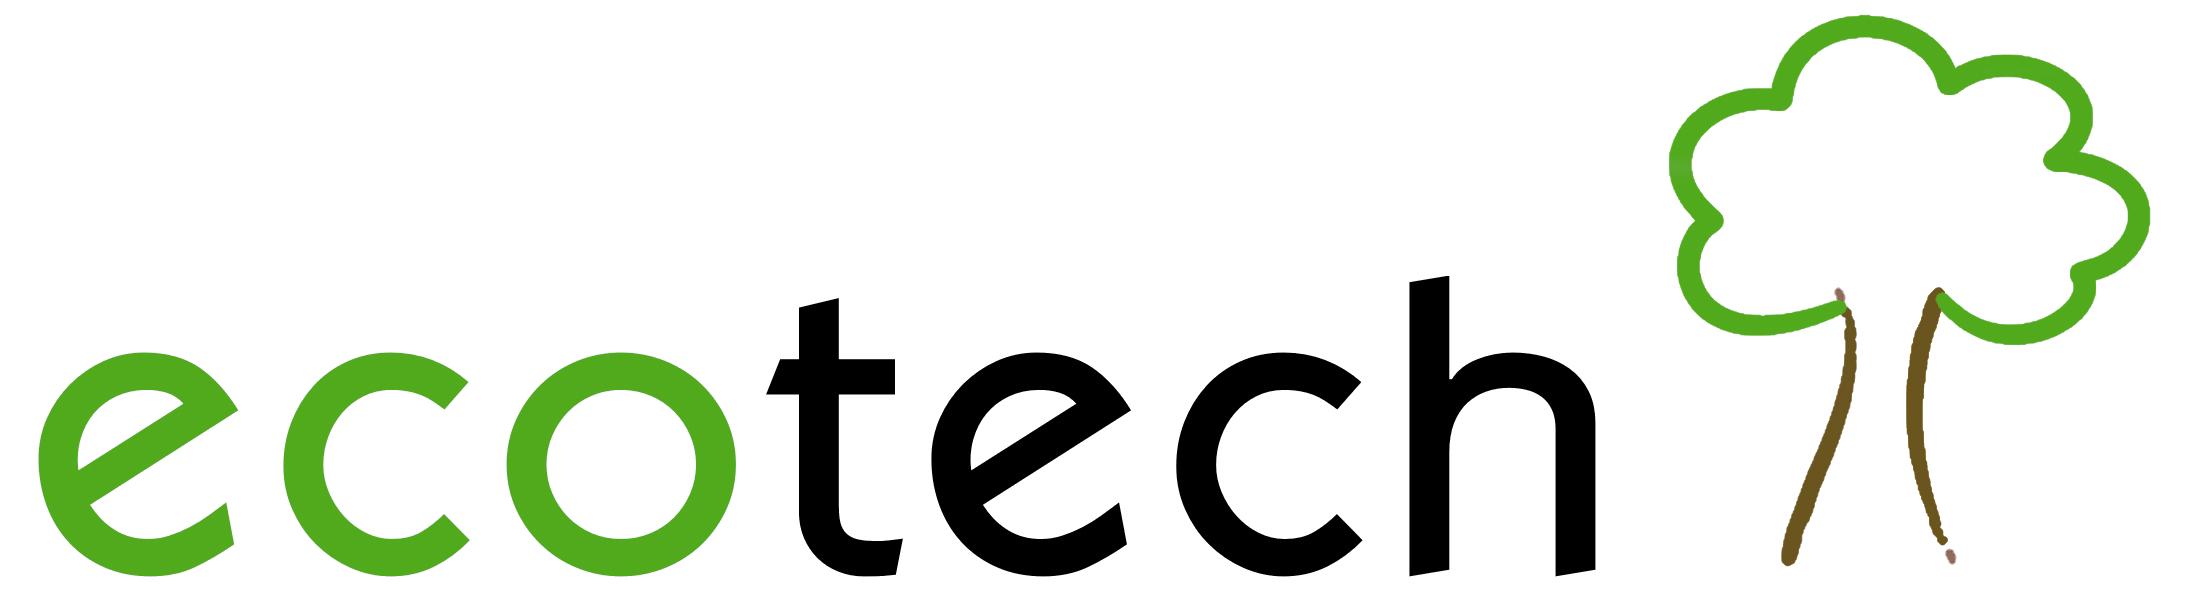 Ecotech rental